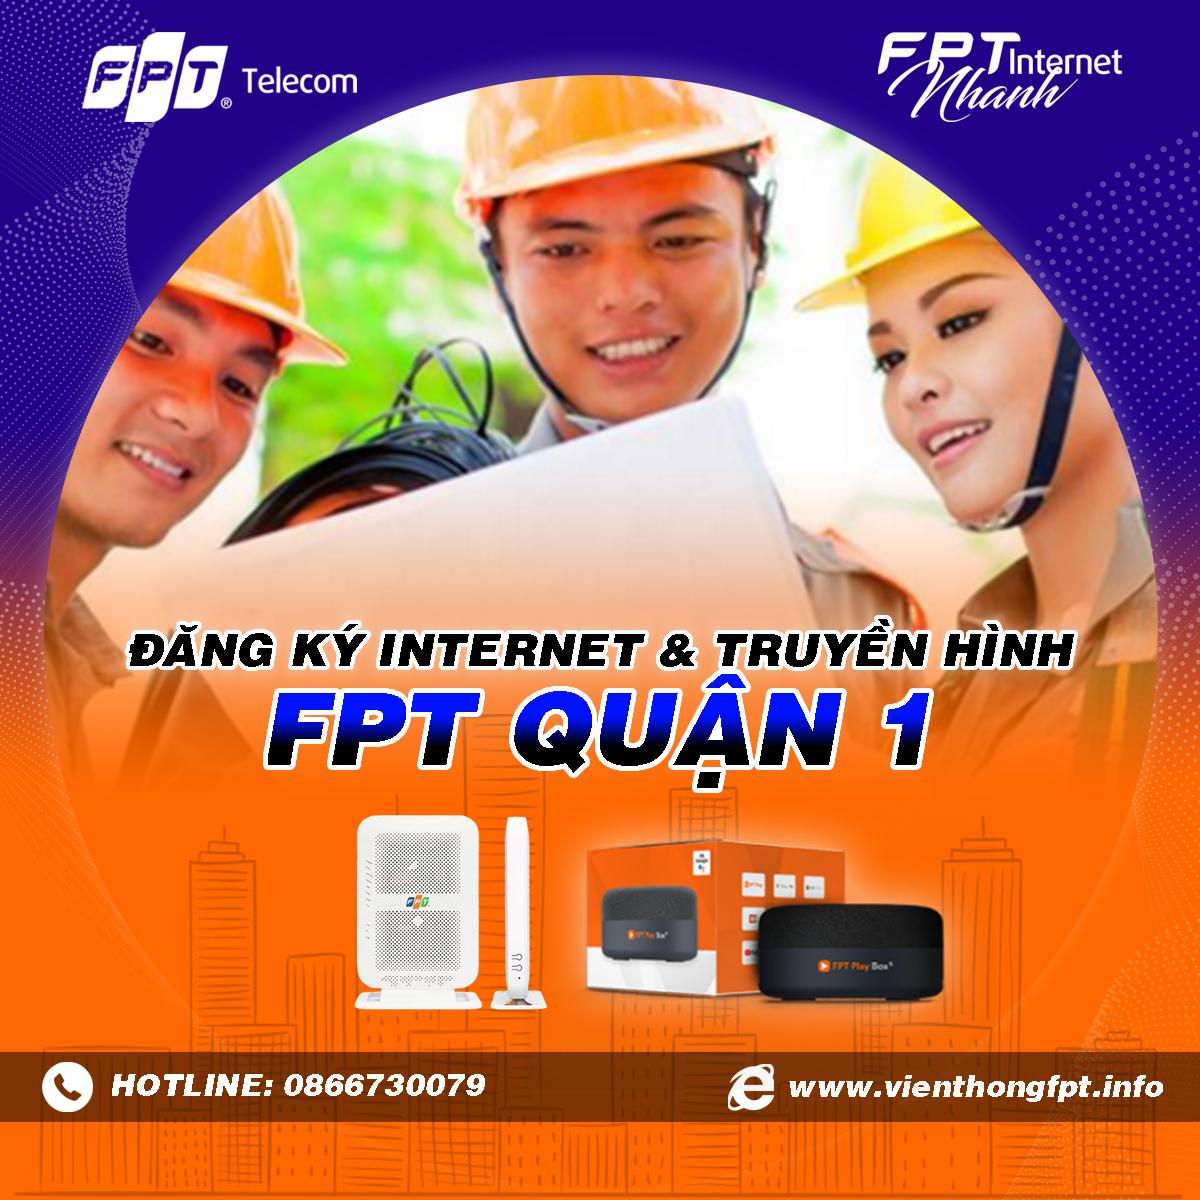 Chi nhánh FPT Quận 1 - Tổng đài lắp mạng Internet và Truyền hình FPT